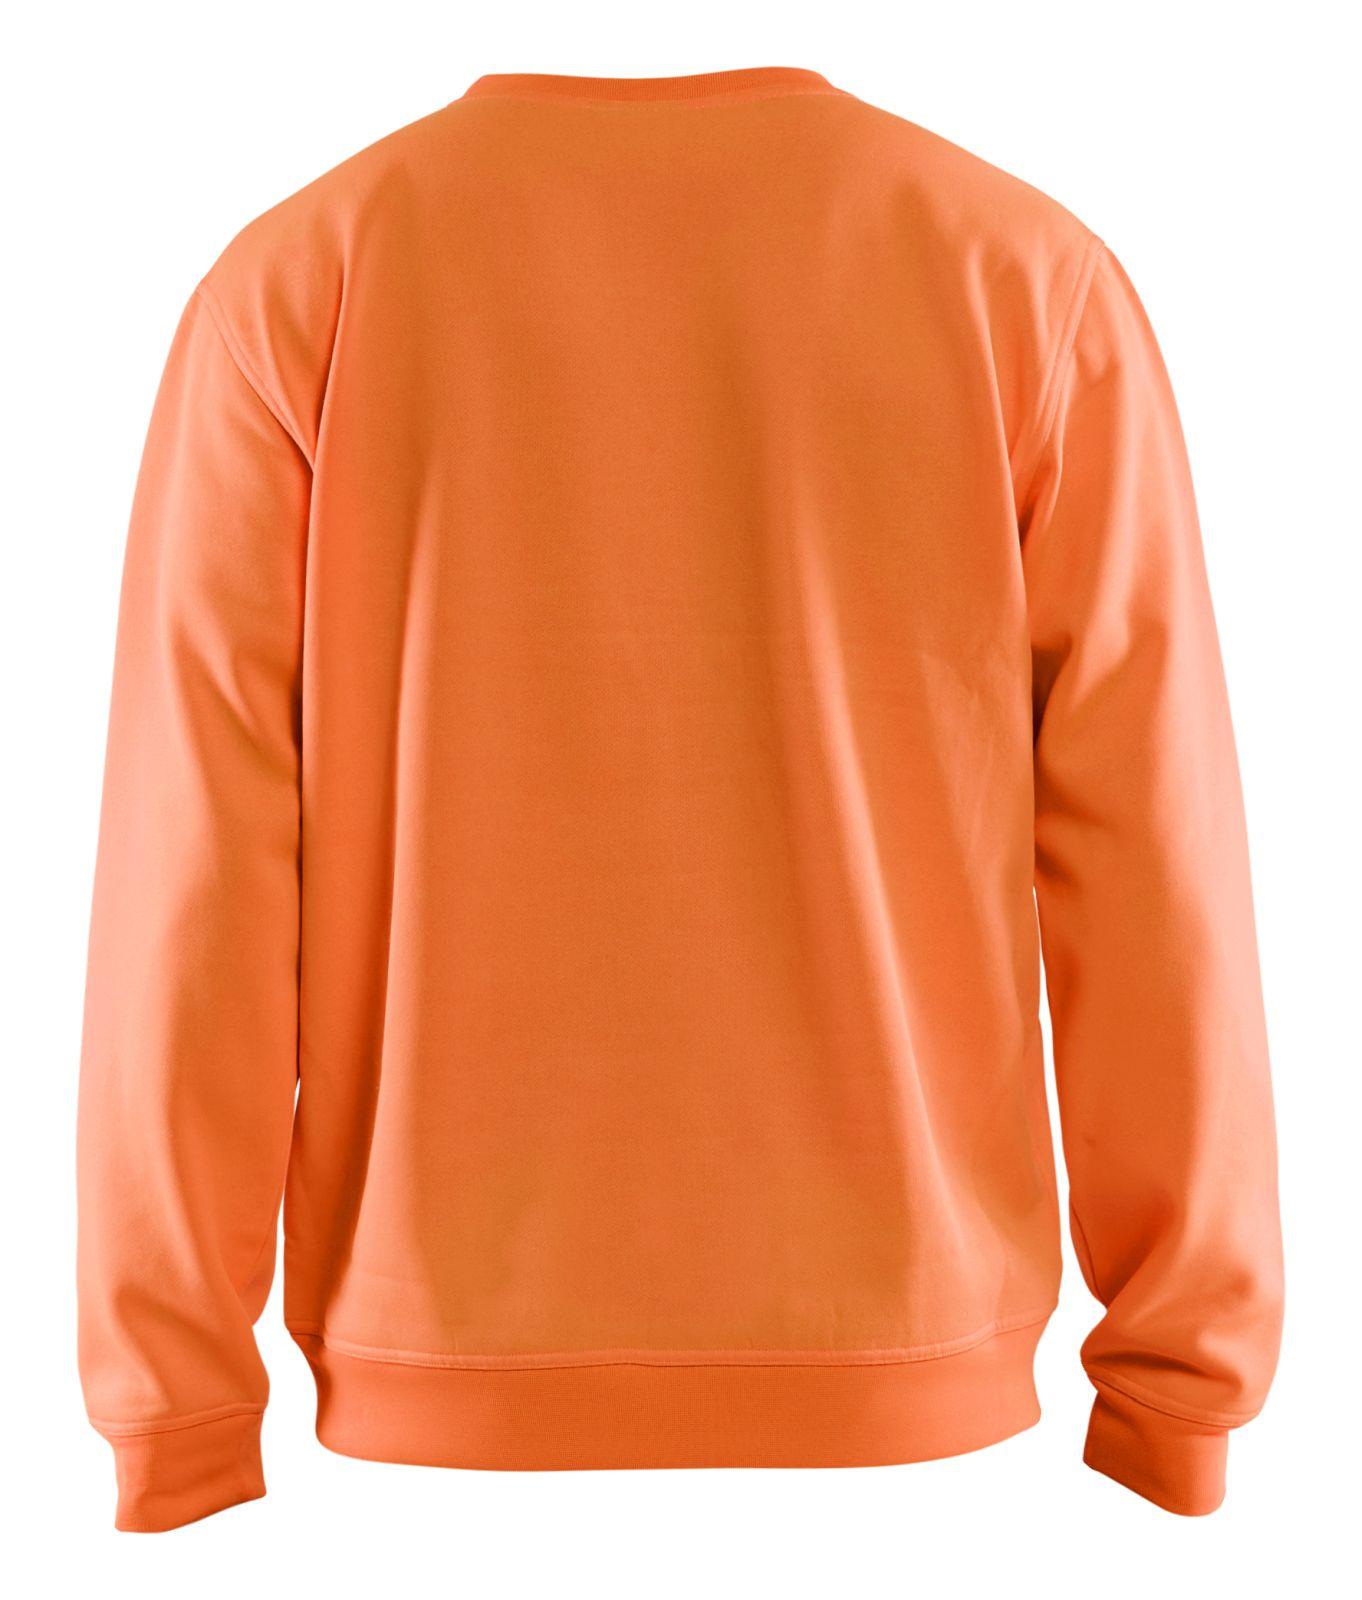 Blaklader Truien 34011074 High Vis fluo-oranje(5300)